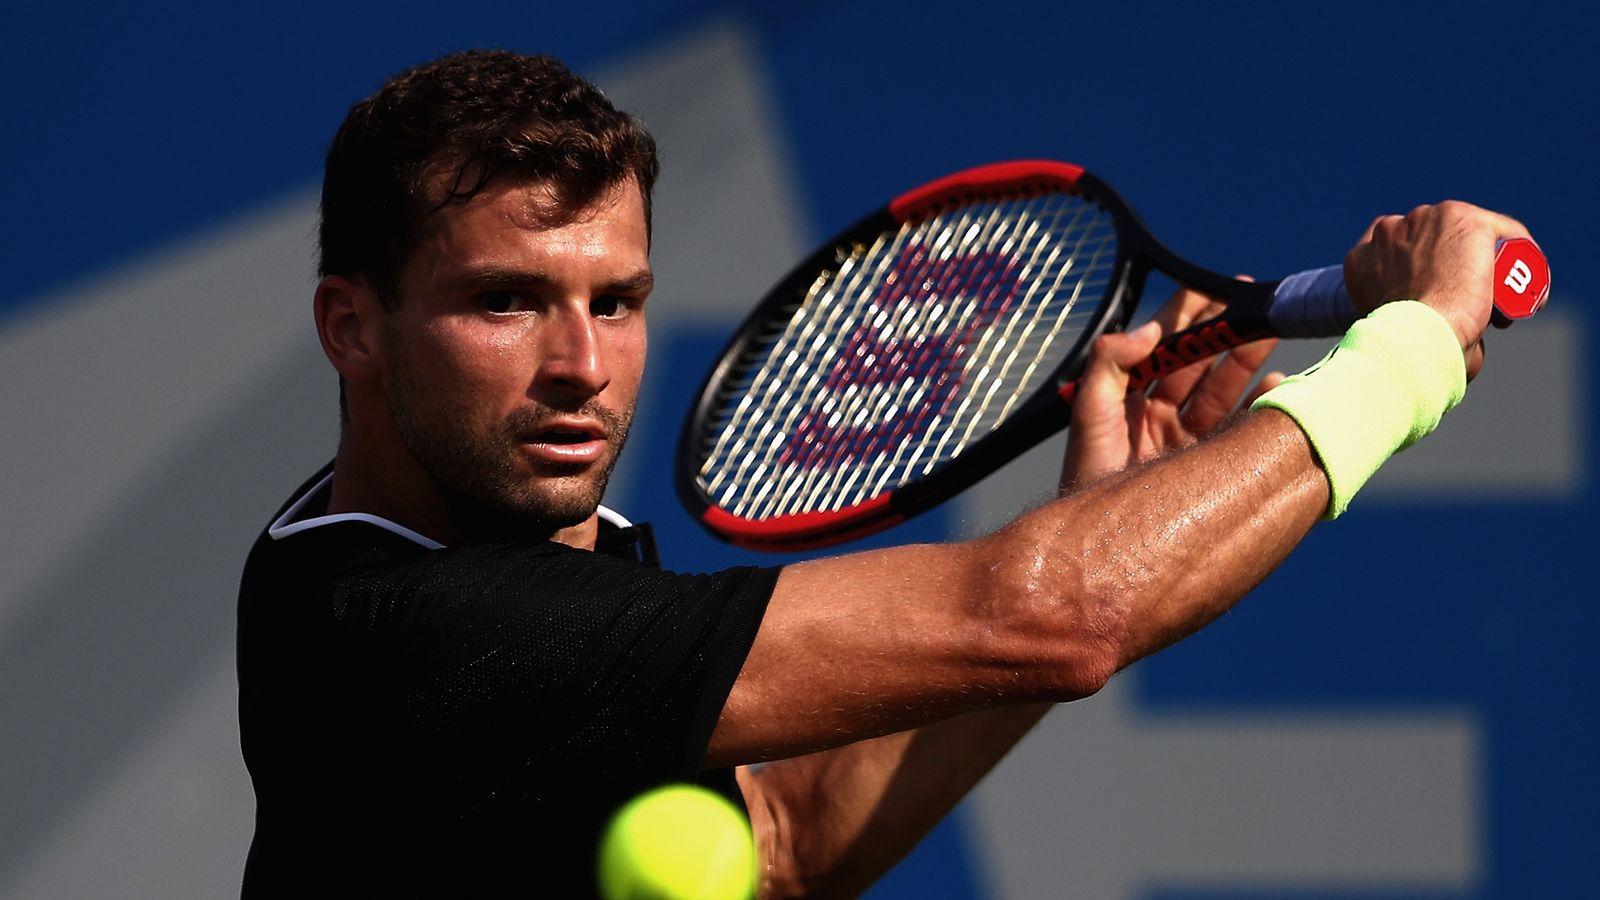 хорошим ремонтом, григор димитров теннис личная жизнь фото следующего